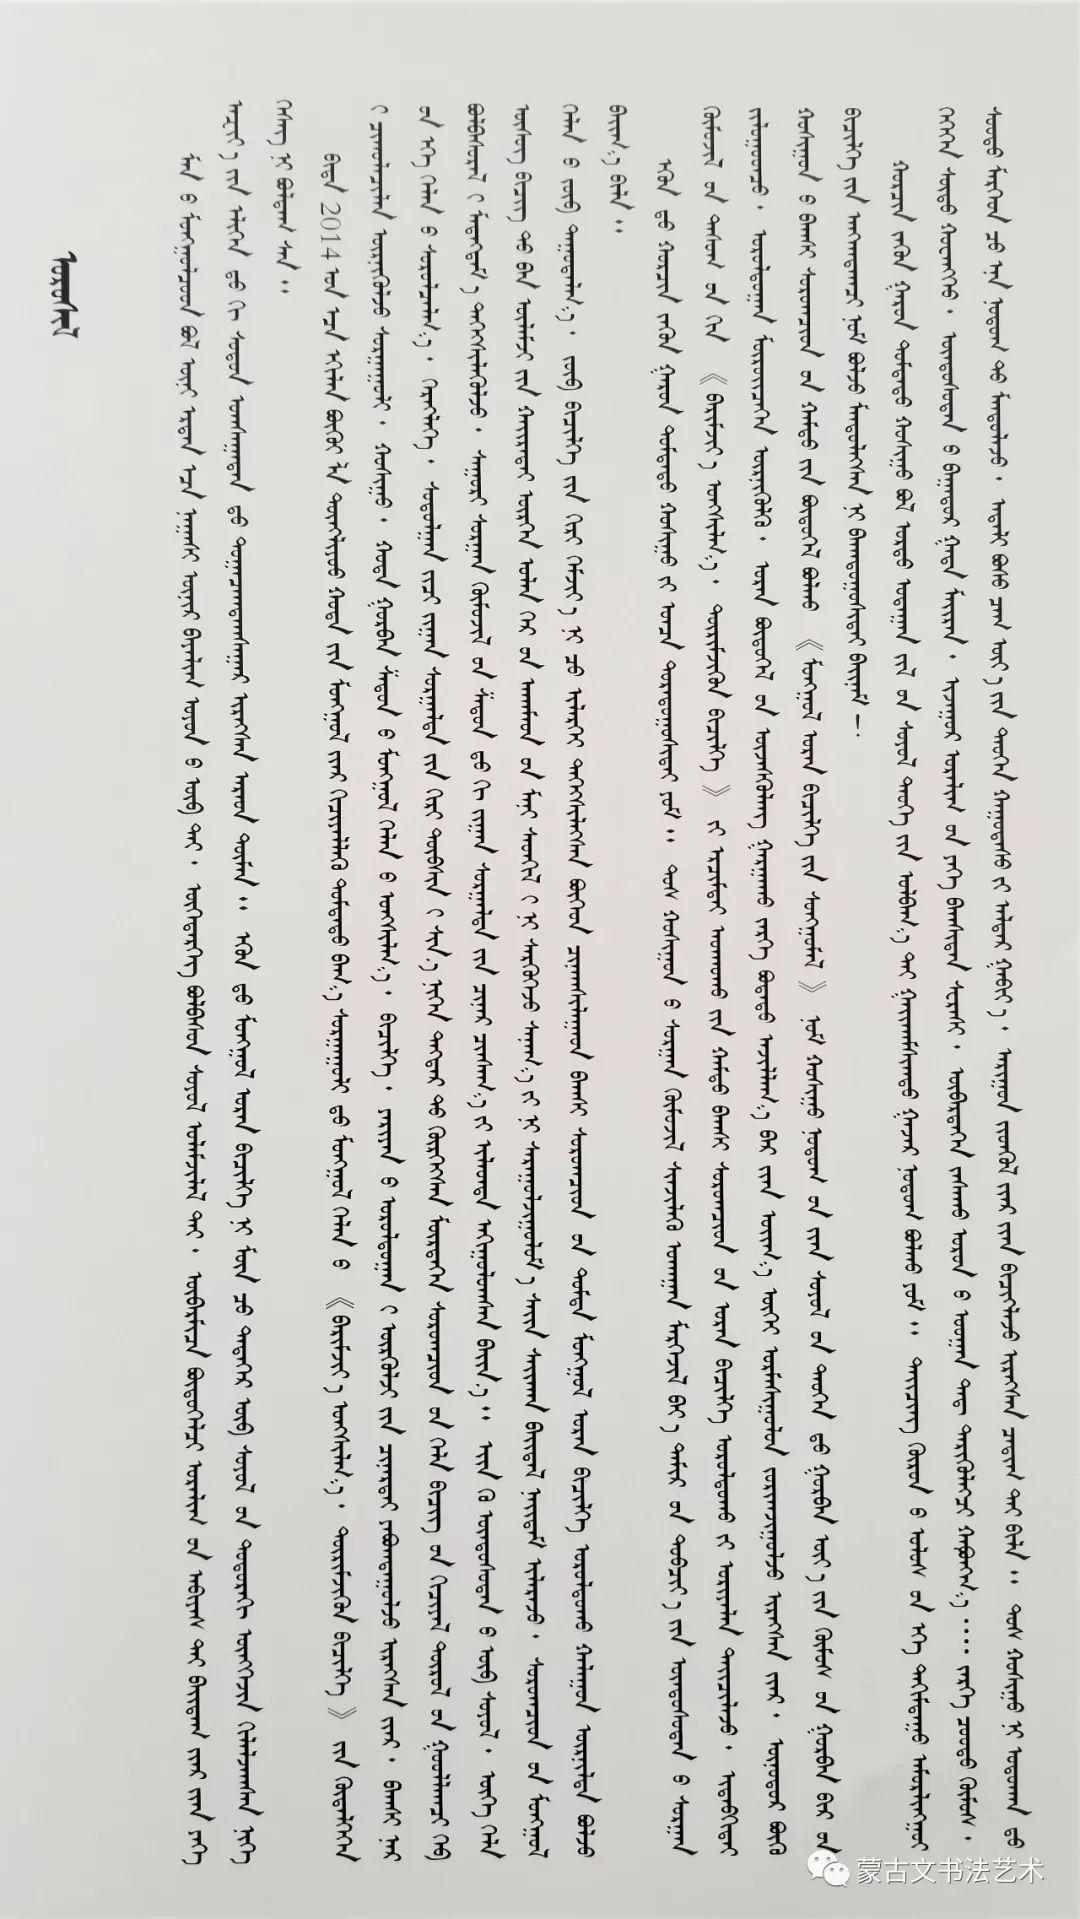 蒙古文书法作品集 第2张 蒙古文书法作品集 蒙古书法